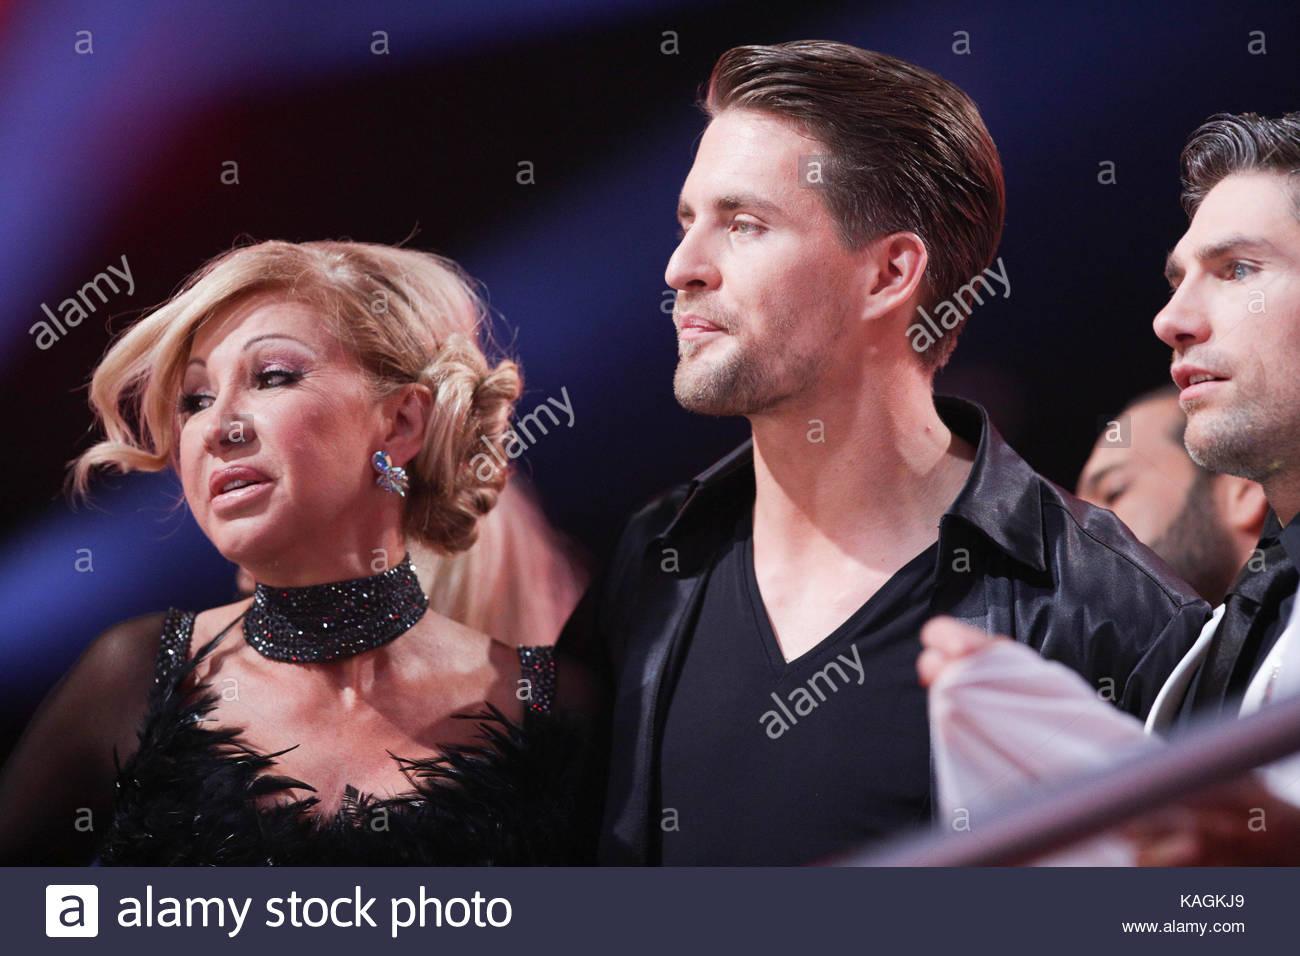 Carmen Geiss Alexander Klaws Berühmtheiten Konkurrieren Während